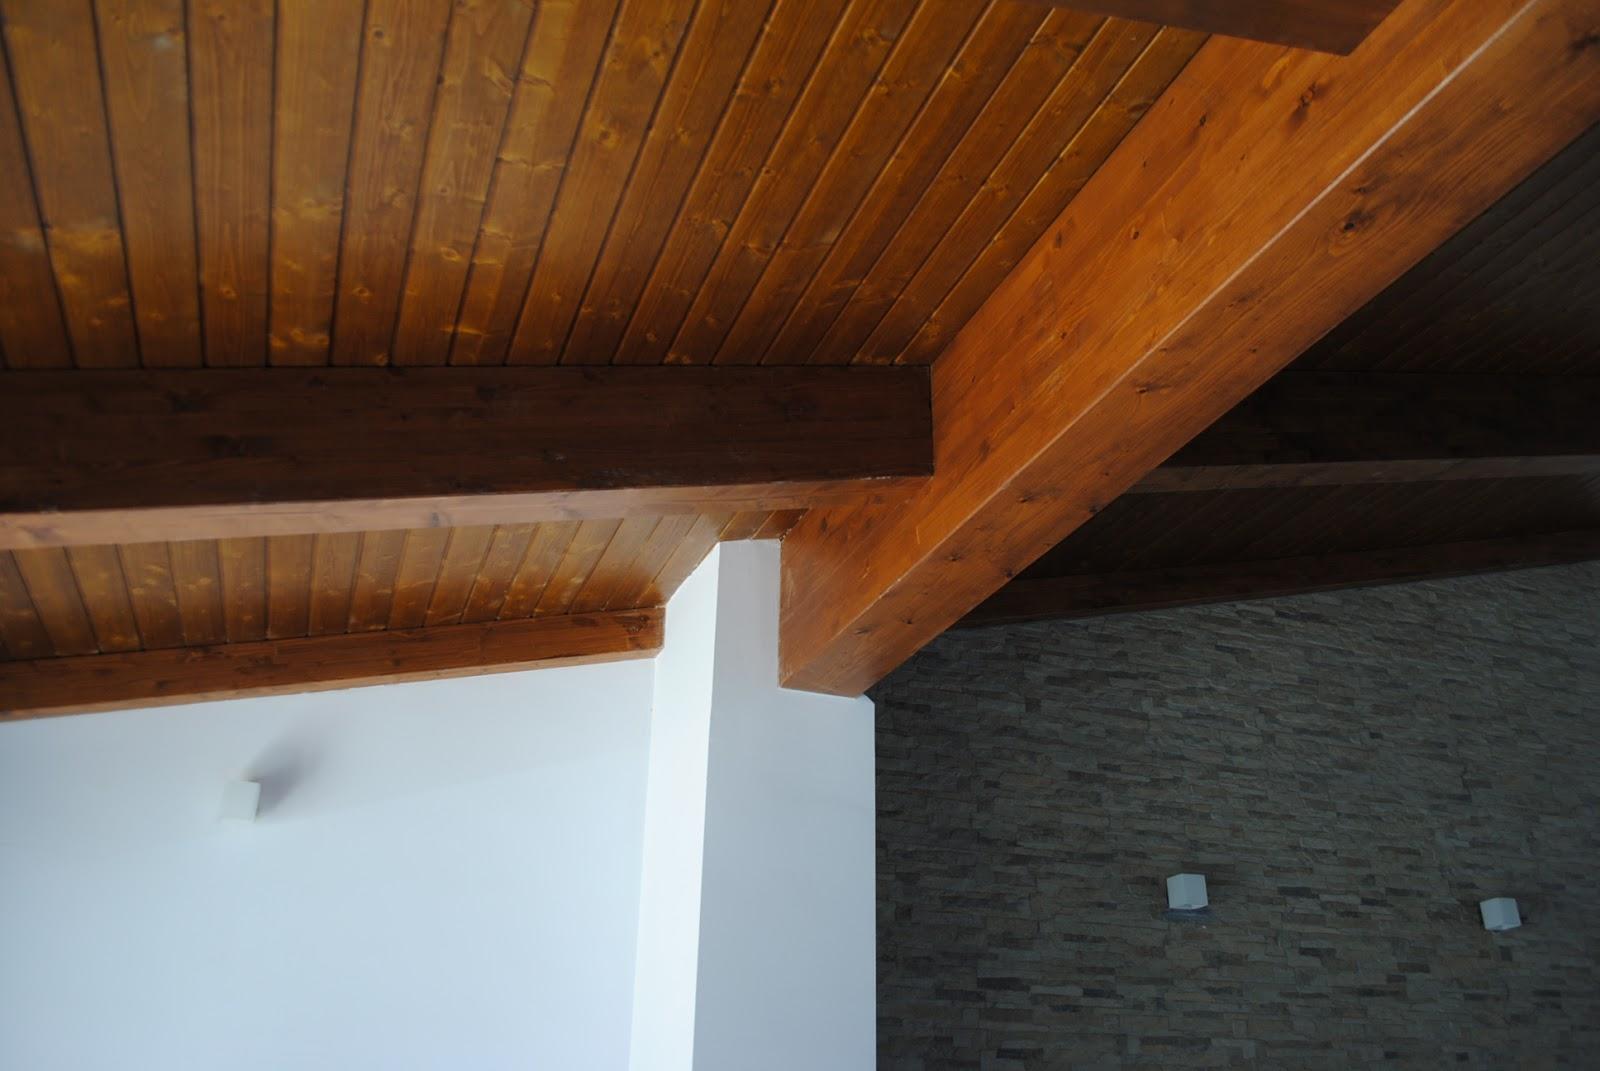 Estructuras de madera cutecma junio 2013 for Tejados de madera vizcaya